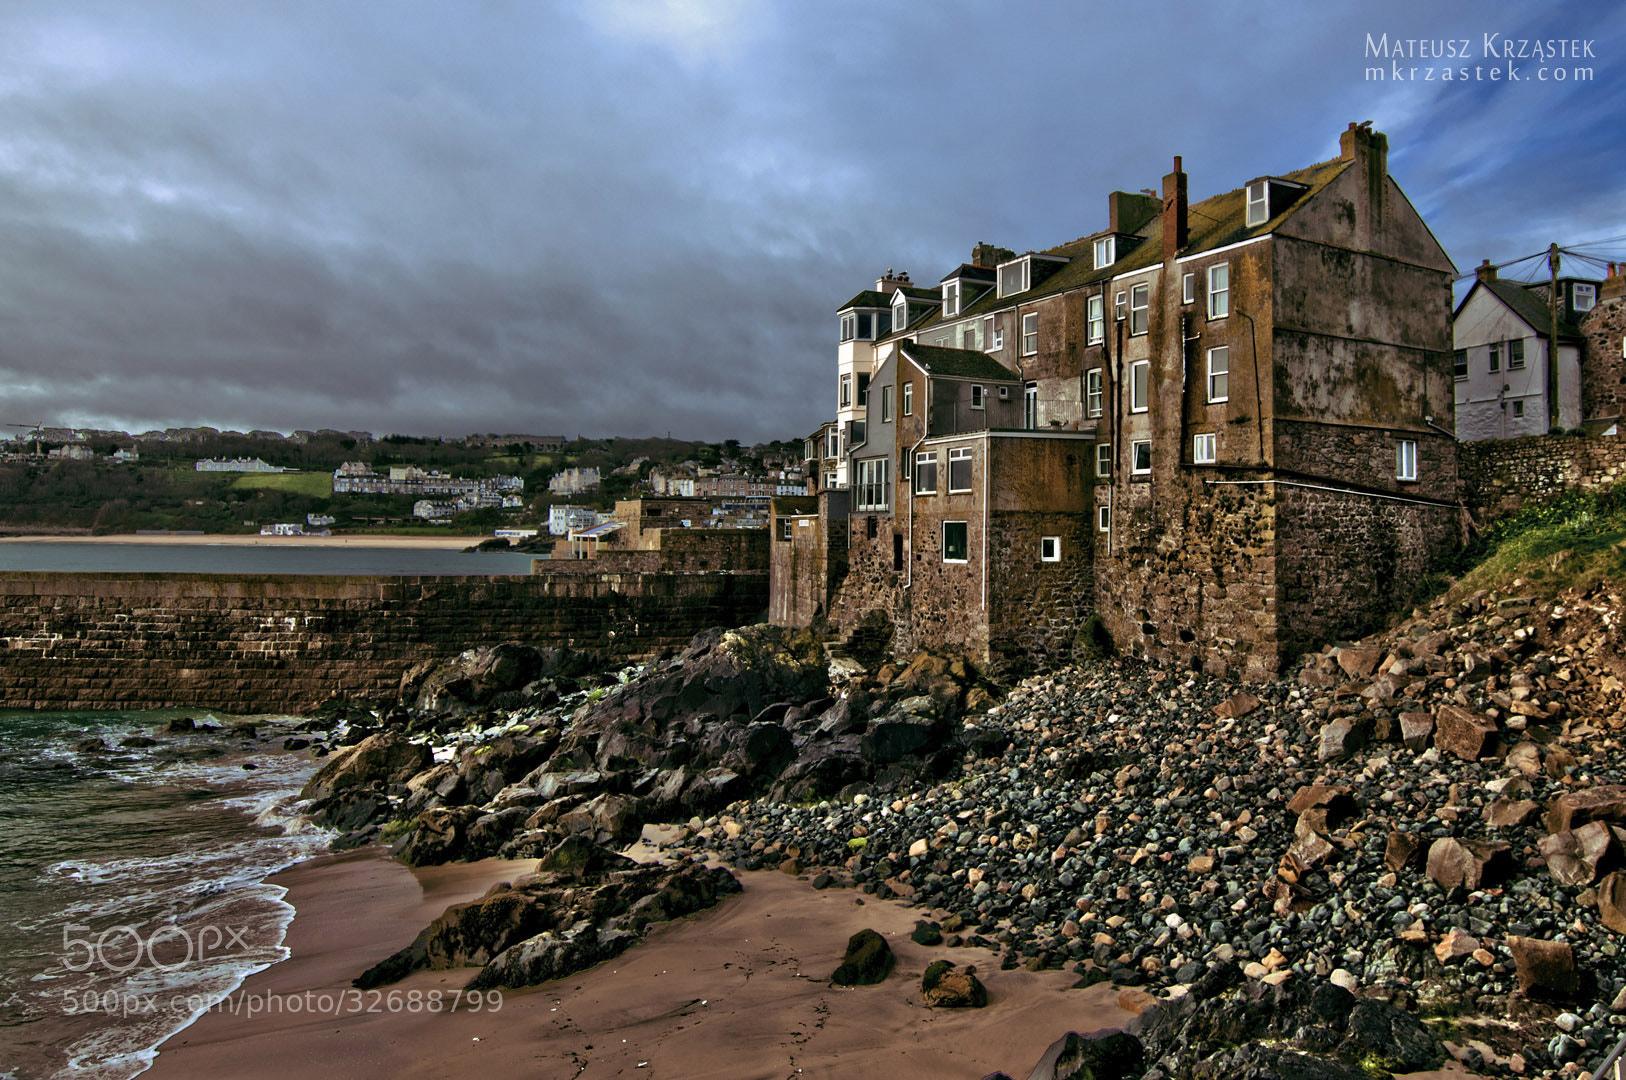 Photograph St. Ives, Cornwall by Mateusz Krząstek on 500px